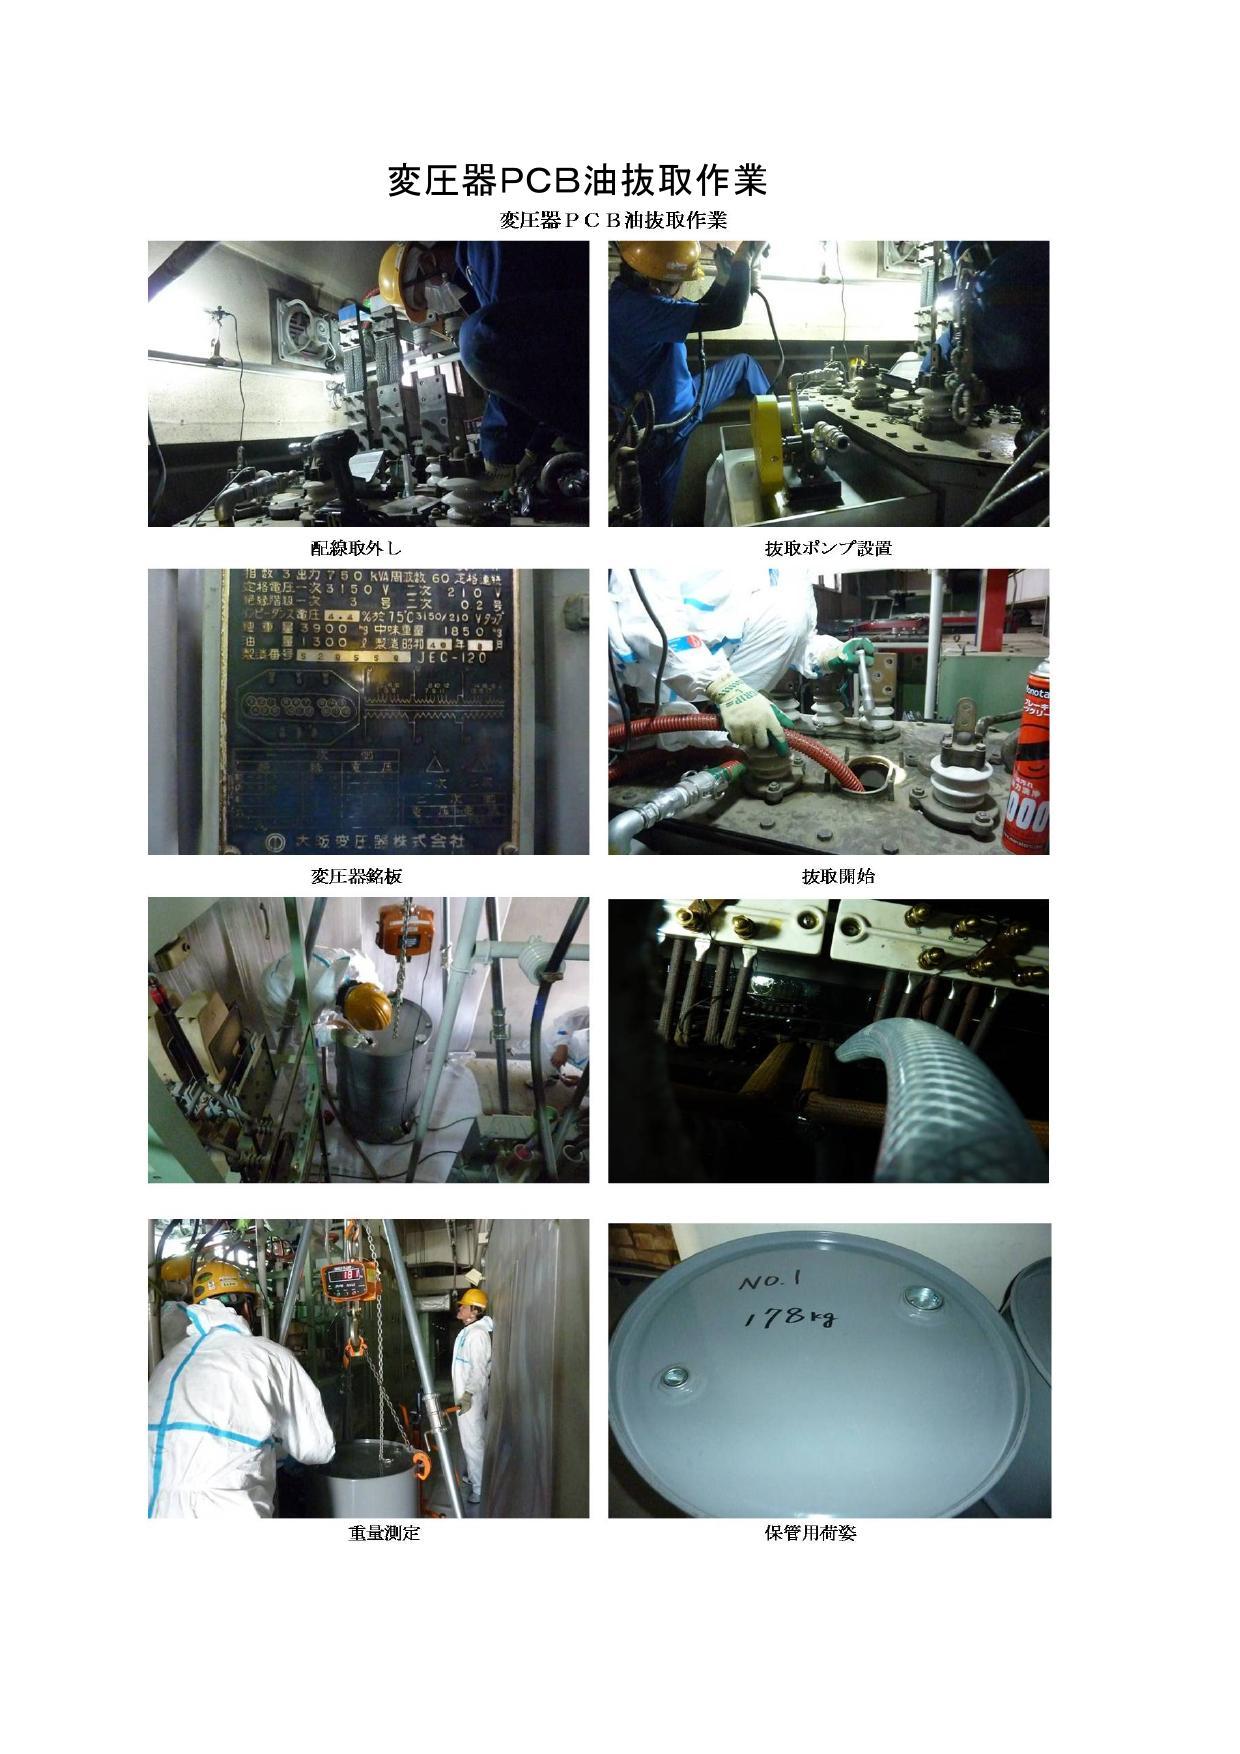 変圧器PCB油抜取作業0001